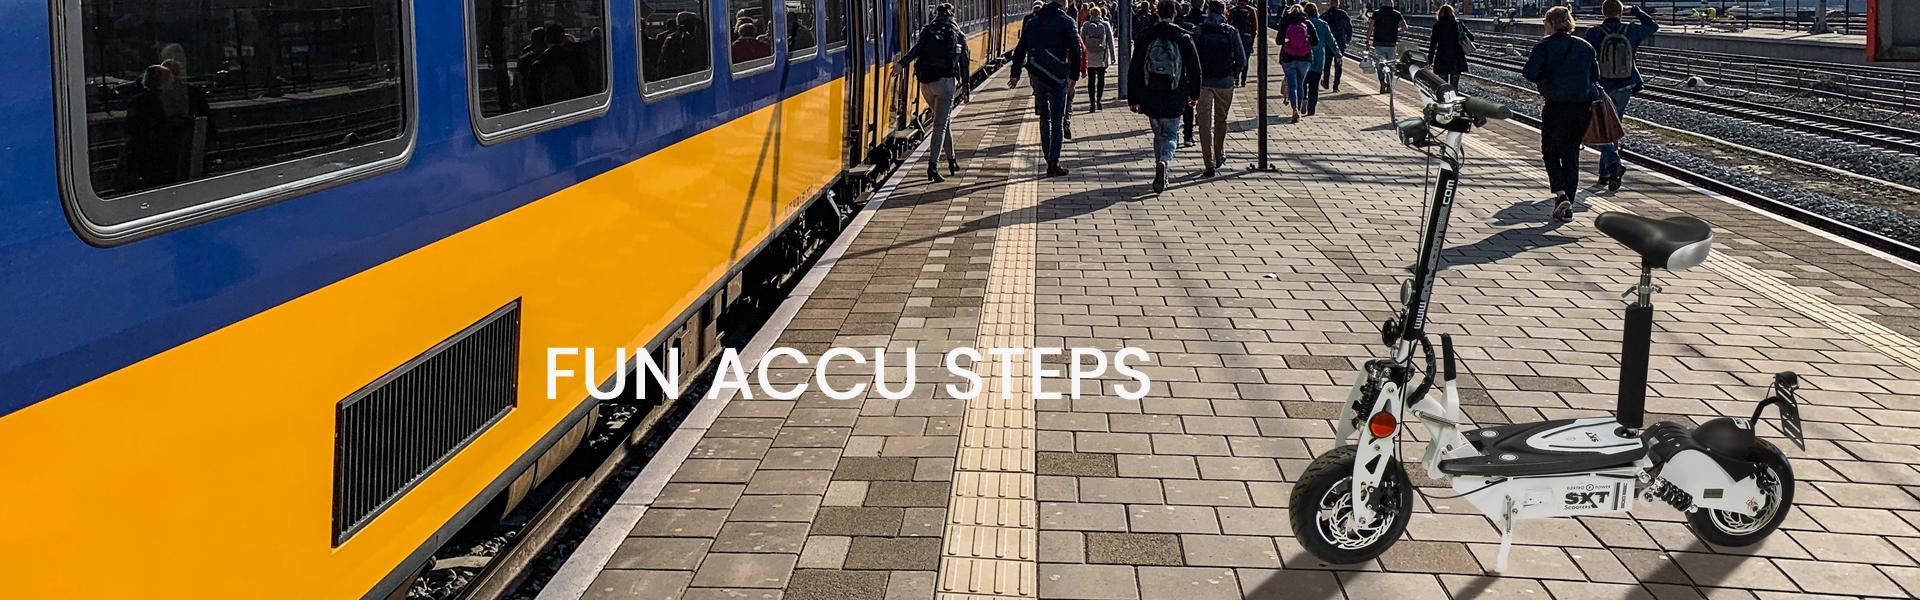 sxt500 fun accu step